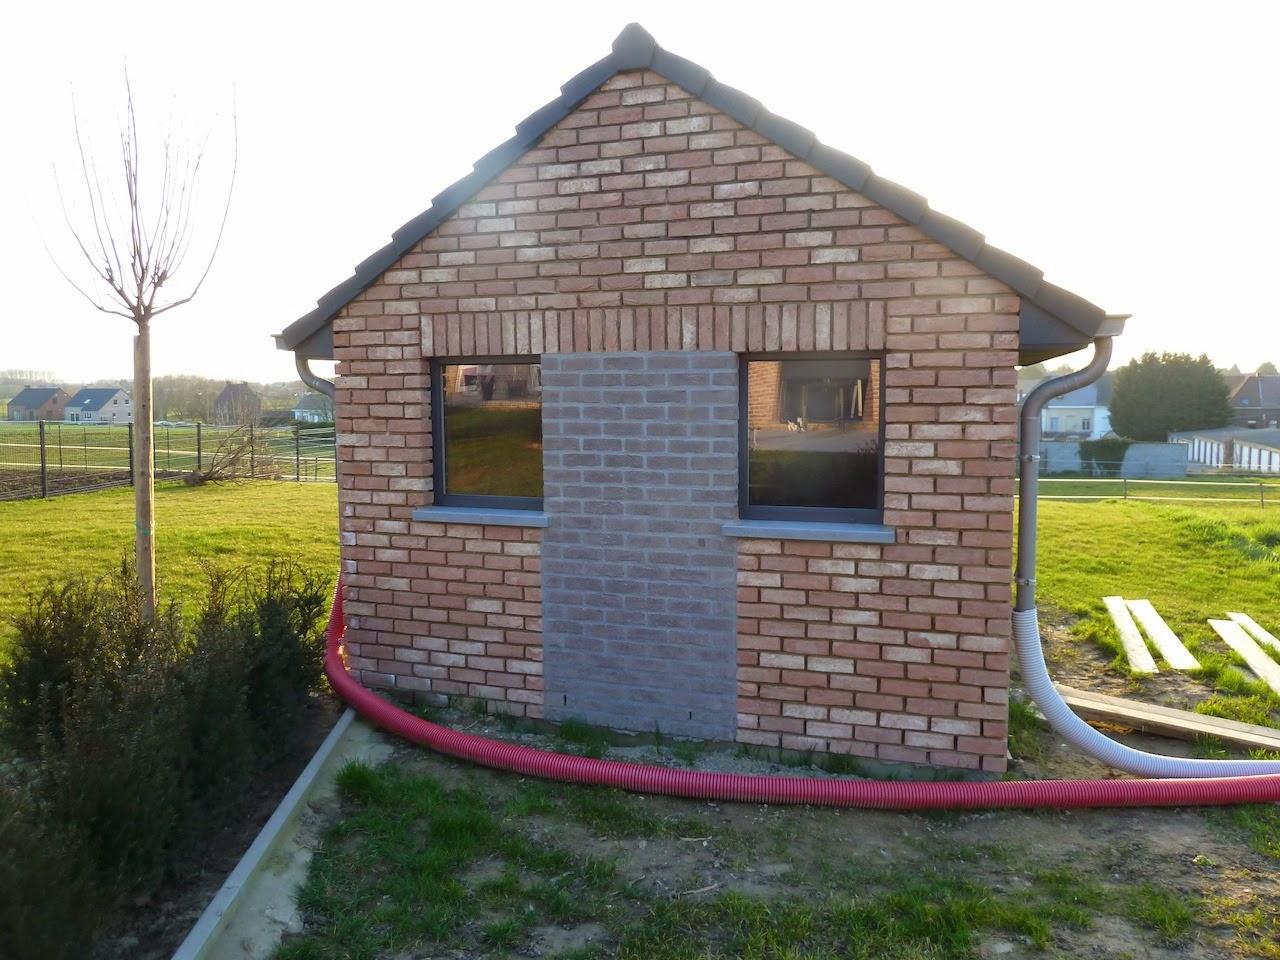 La Construction De Notre Maison: L'abri De Jardin (8) intérieur Abri De Jardin Maison